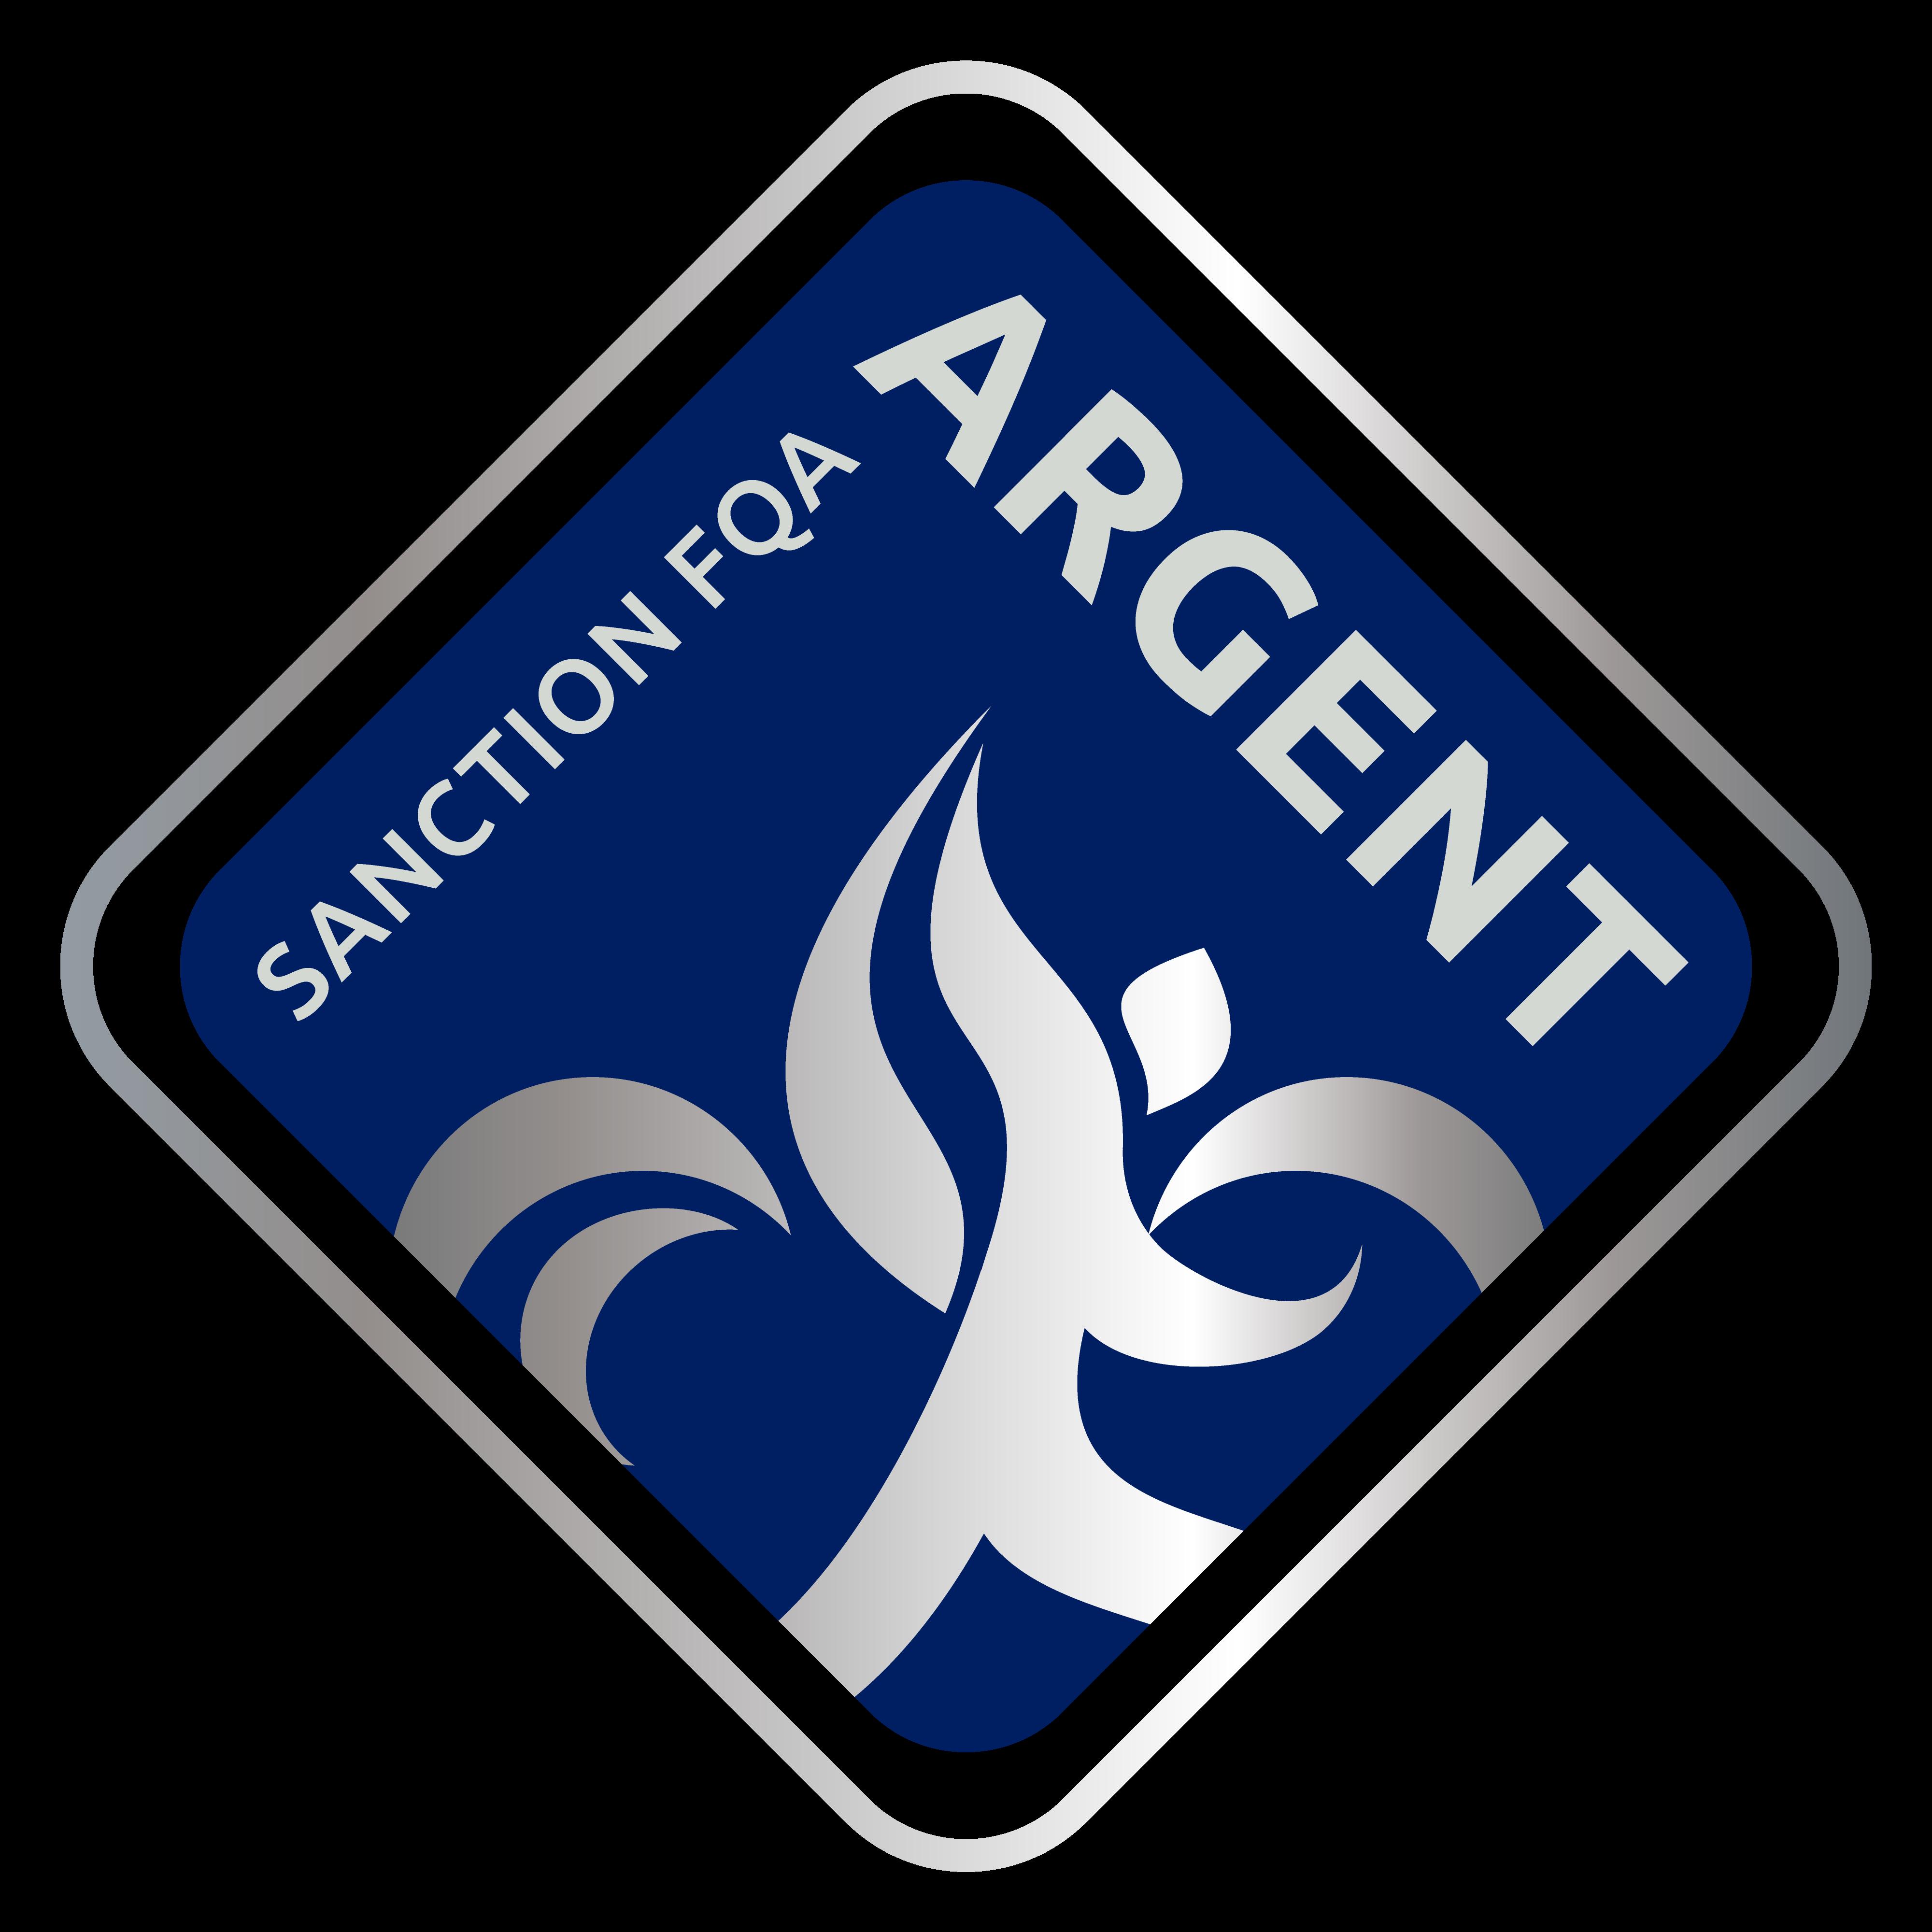 Logo - Fédé Québécoise d'athlétisme DM (en)